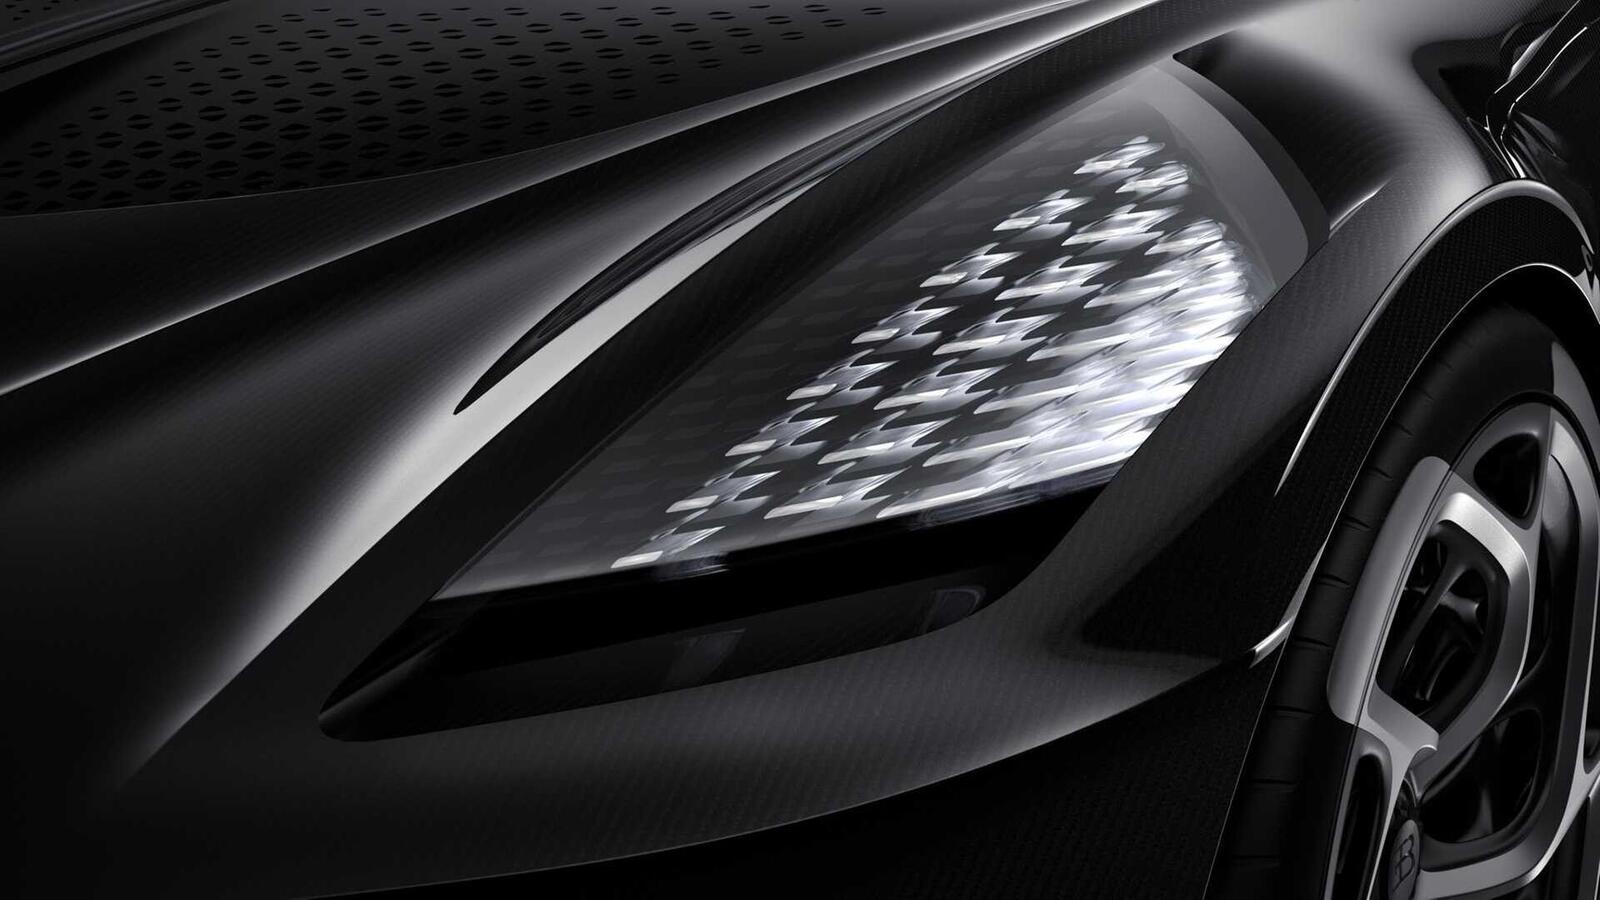 [GMS2019] Siêu phẩm Bugatti La Voatio Noire ra mắt: Chỉ một chiếc được sản xuất; giá hơn 259 tỷ đồng - Hình 17